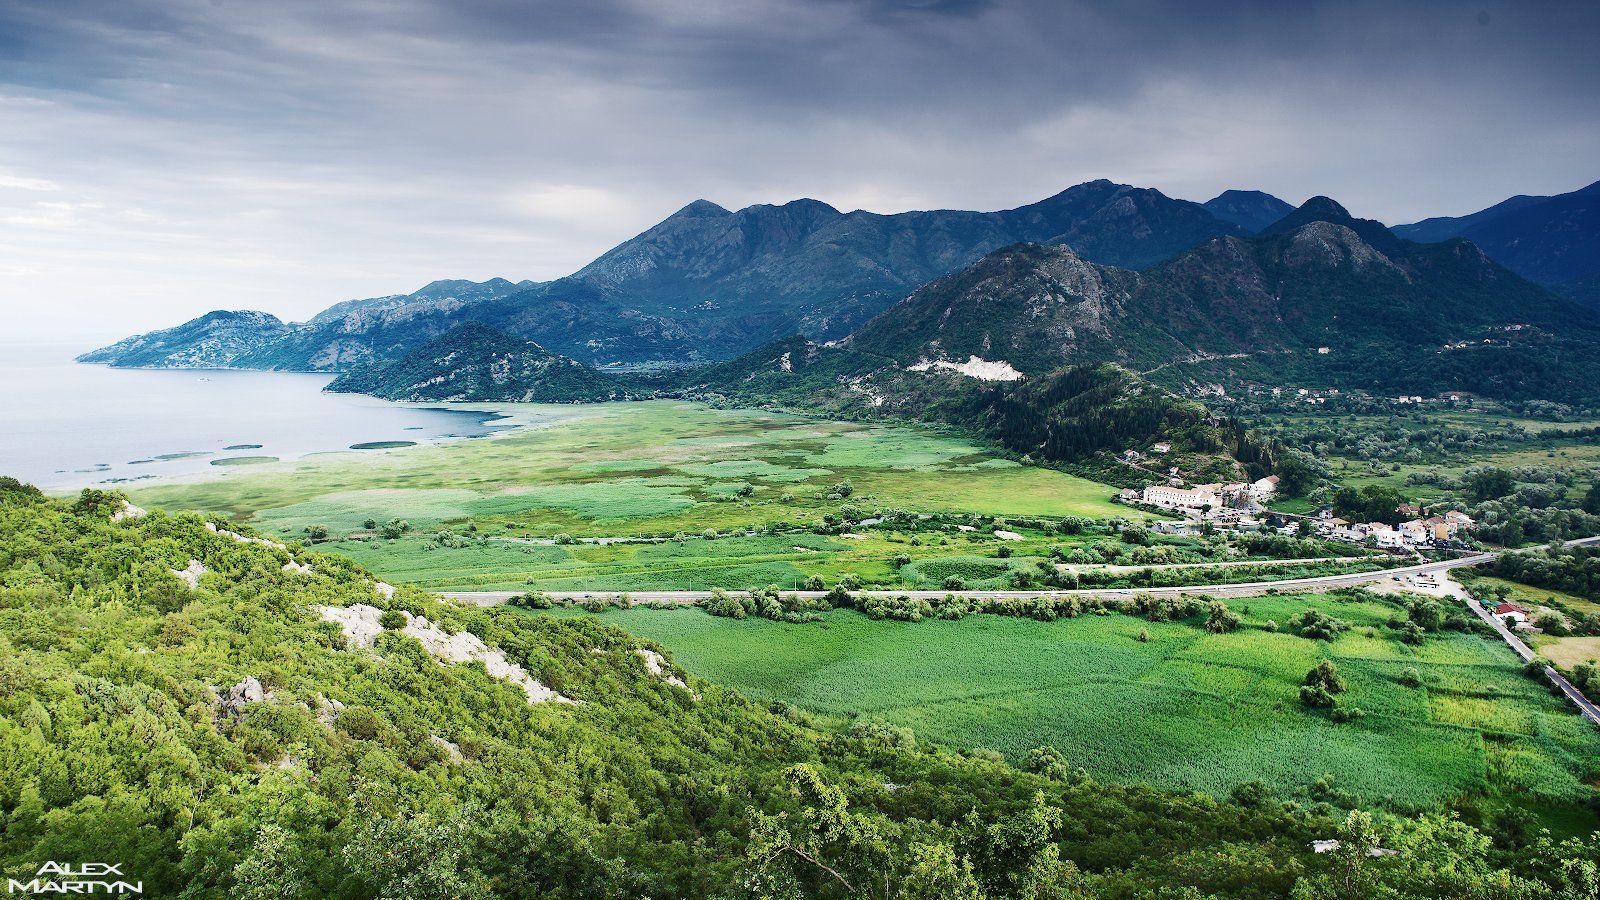 черногория, озеро, скадарское, долина, зима, панорама, вид, пейзаж, Александр Мартынов